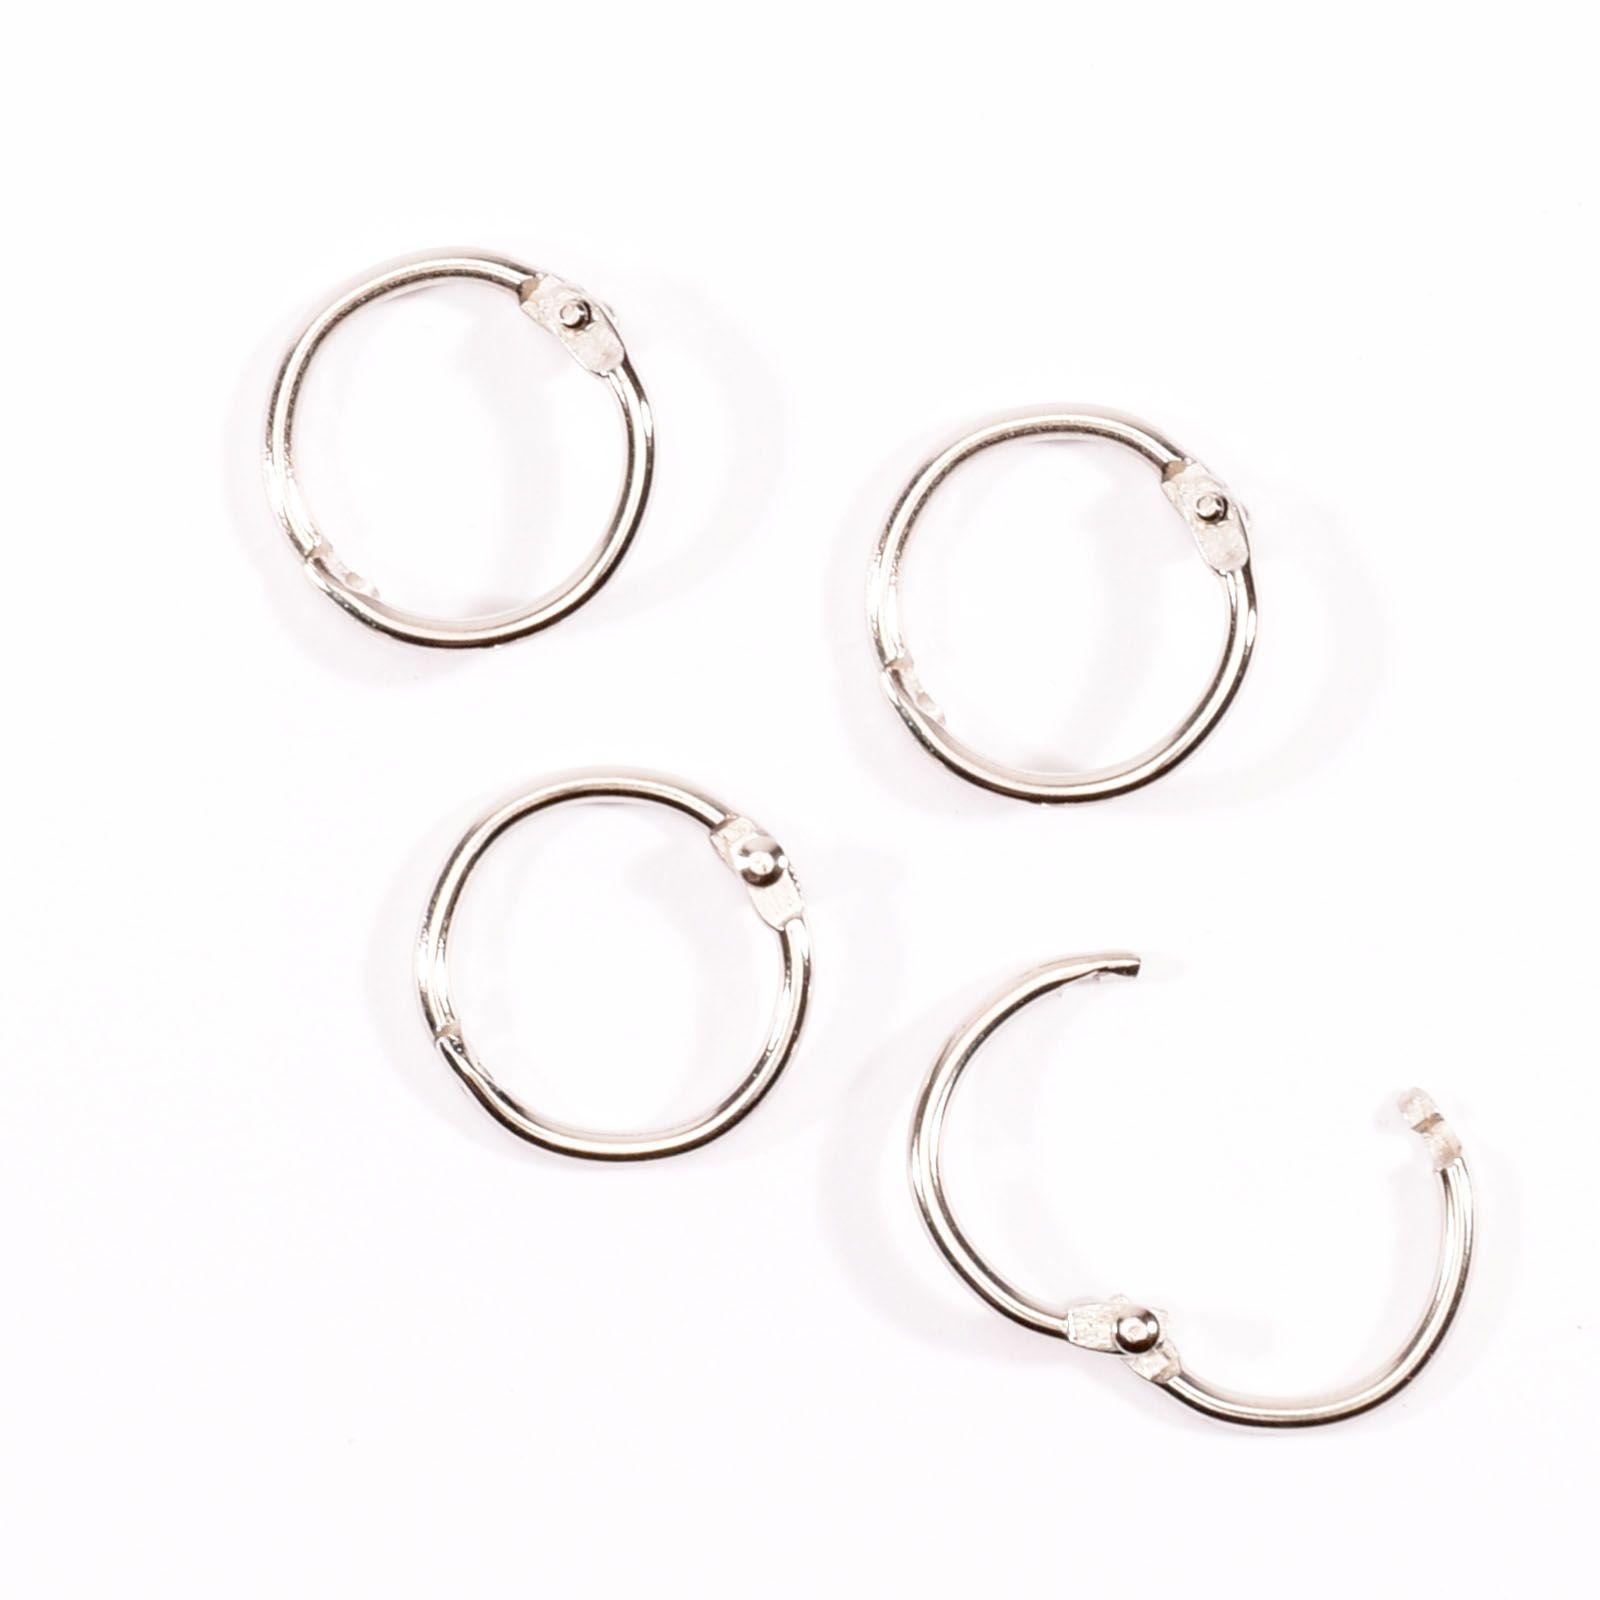 Lot de 4 anneaux de reliure - coloris argent - diamètre 25 mms